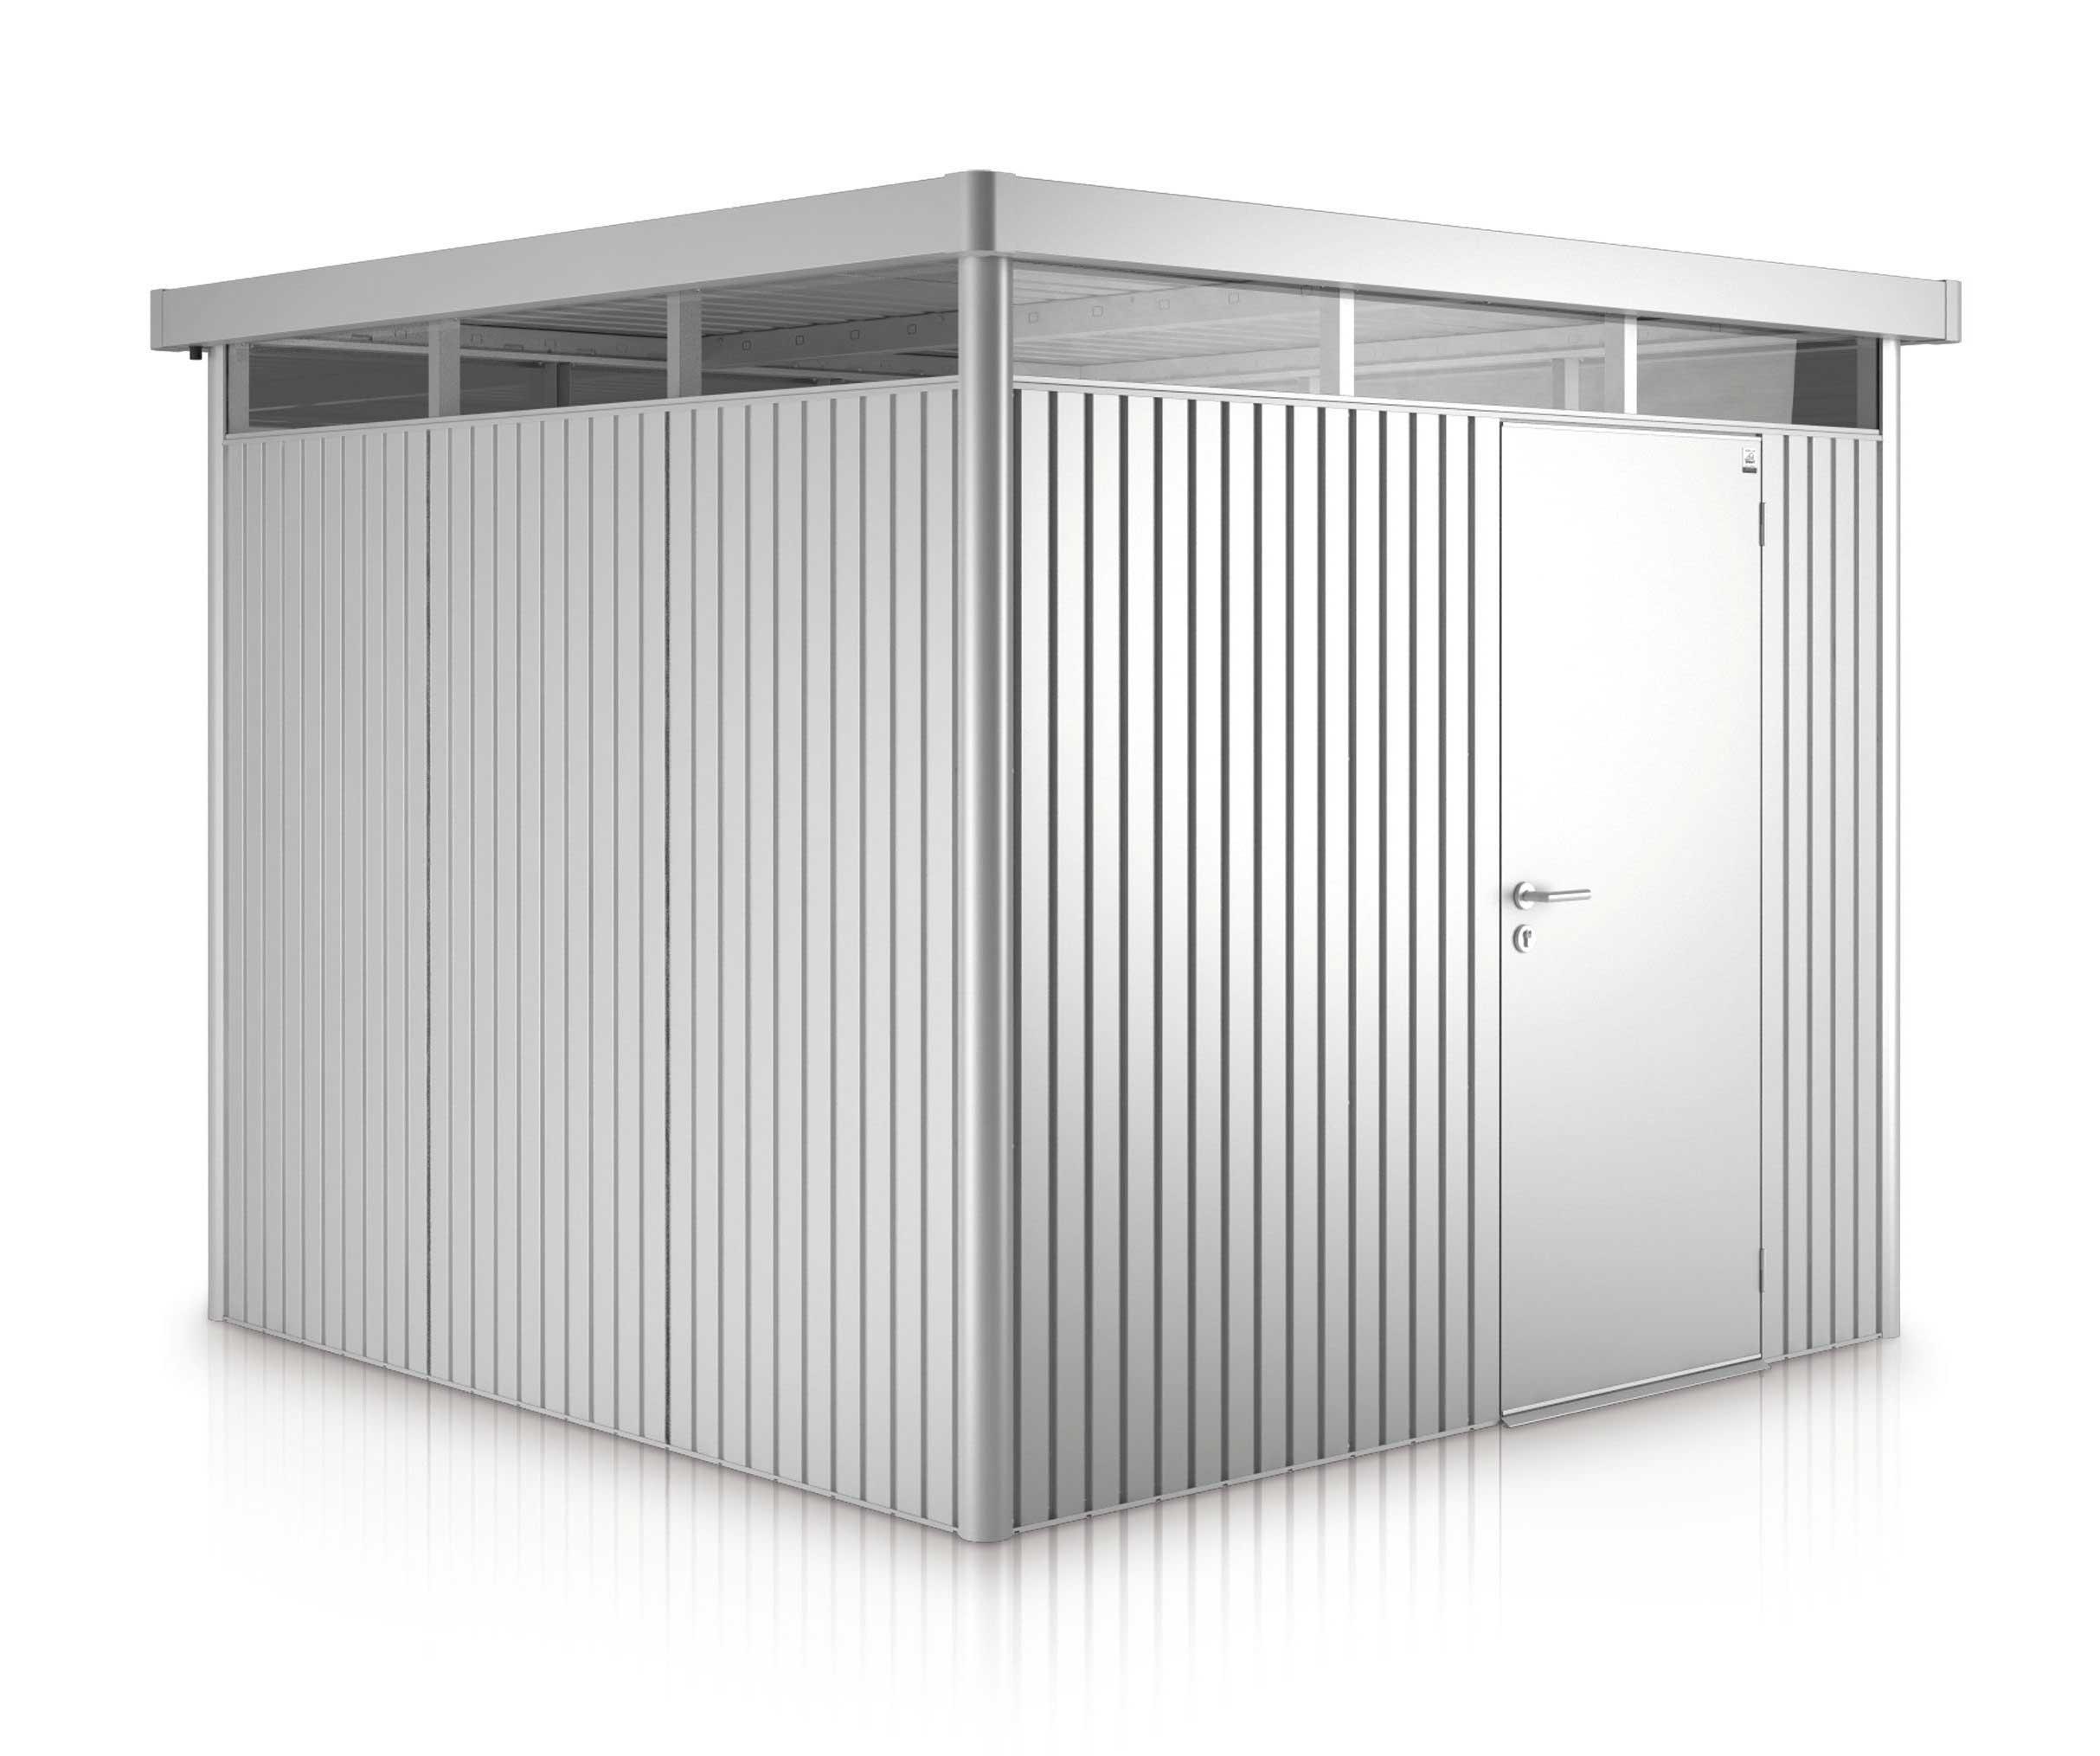 ger tehaus biohort highline gr h4 silber metallic. Black Bedroom Furniture Sets. Home Design Ideas